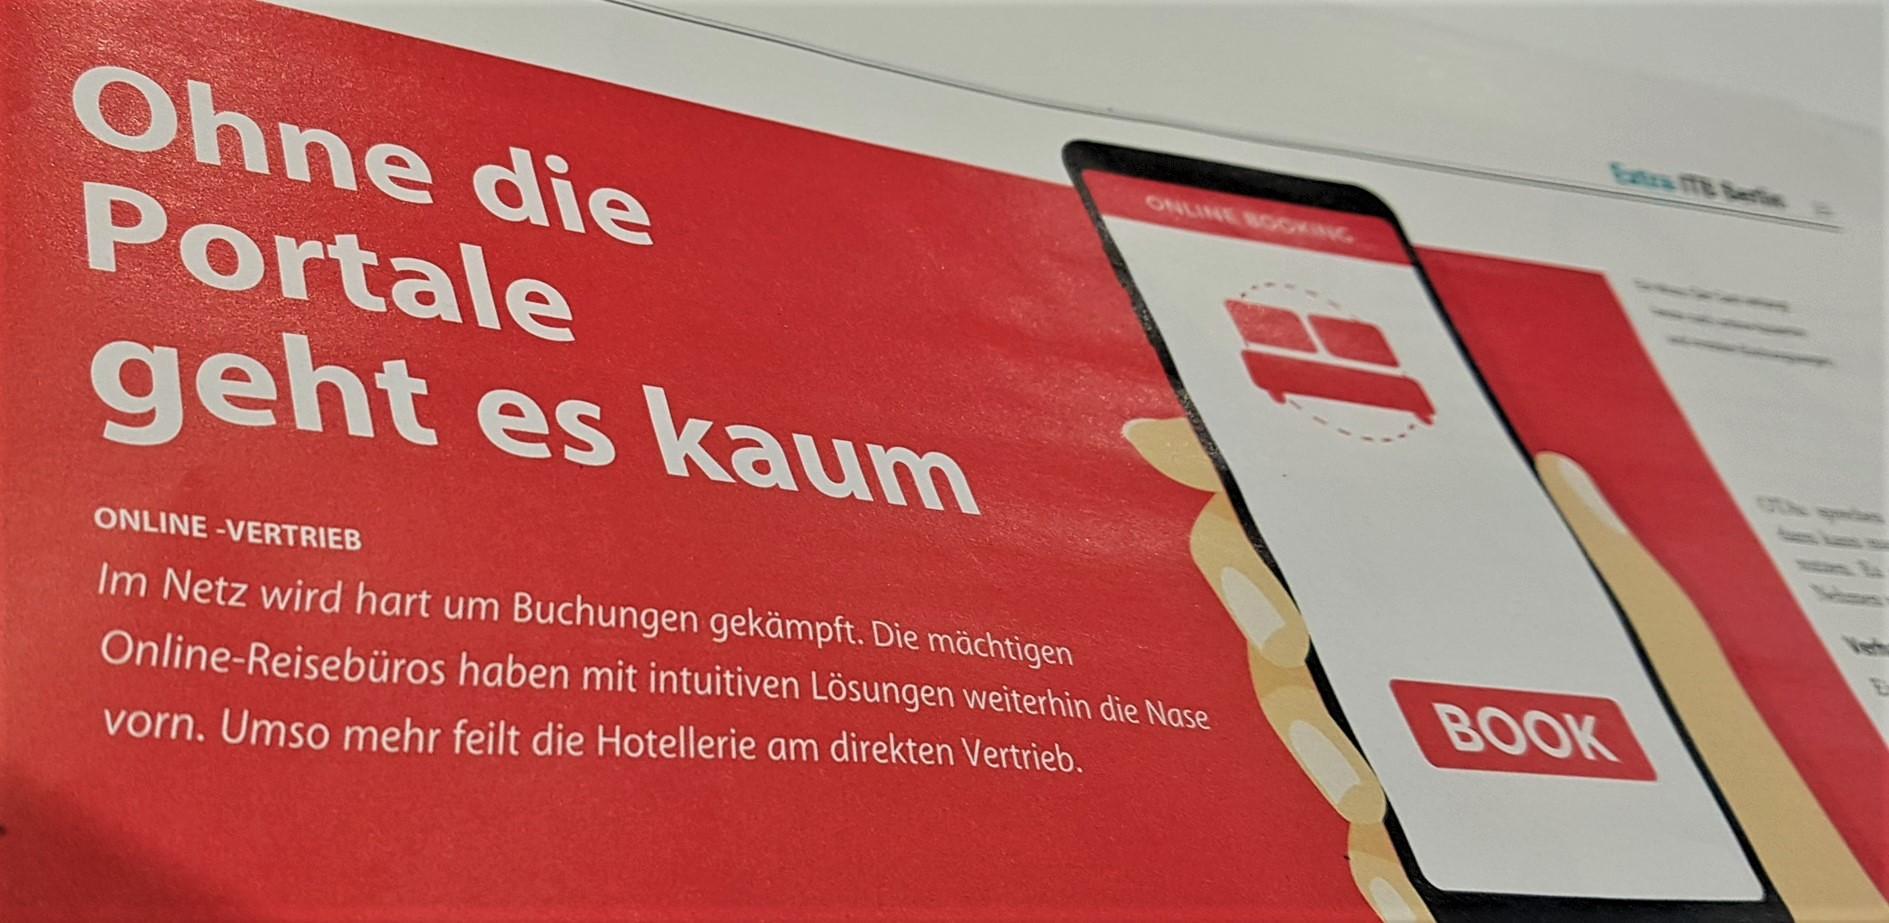 Allgemeine Hotel- und Gastronomie-Zeitung (AHGZ), Sonderausgabe zur ITB, März 2019 (Foto: eCoach.at)